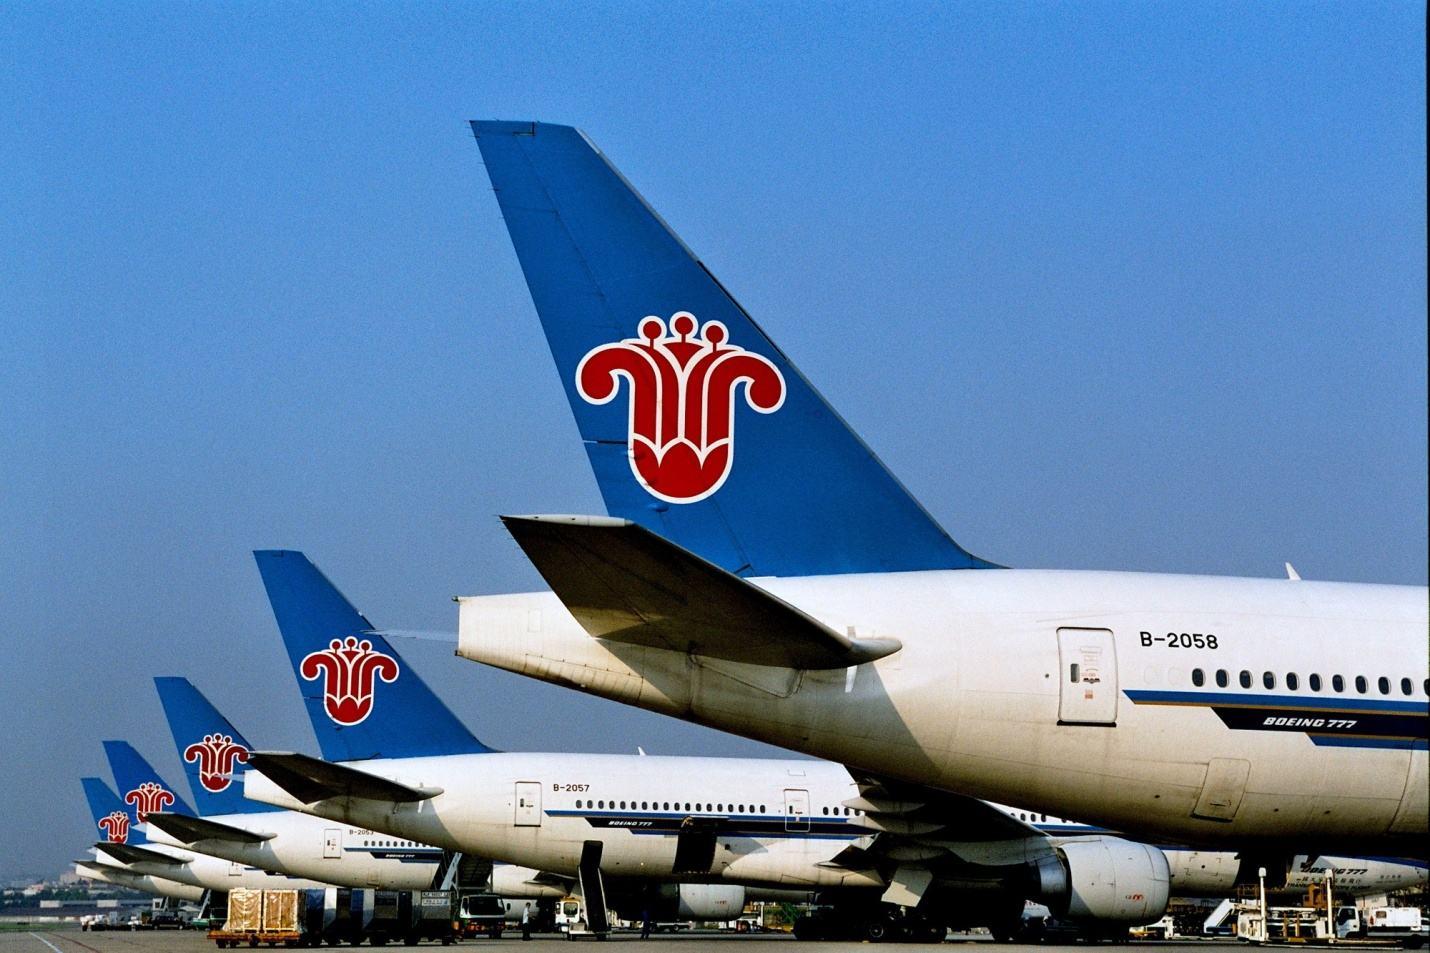 南方航空宣布退出天合联盟 全球航盟三国杀再生变数